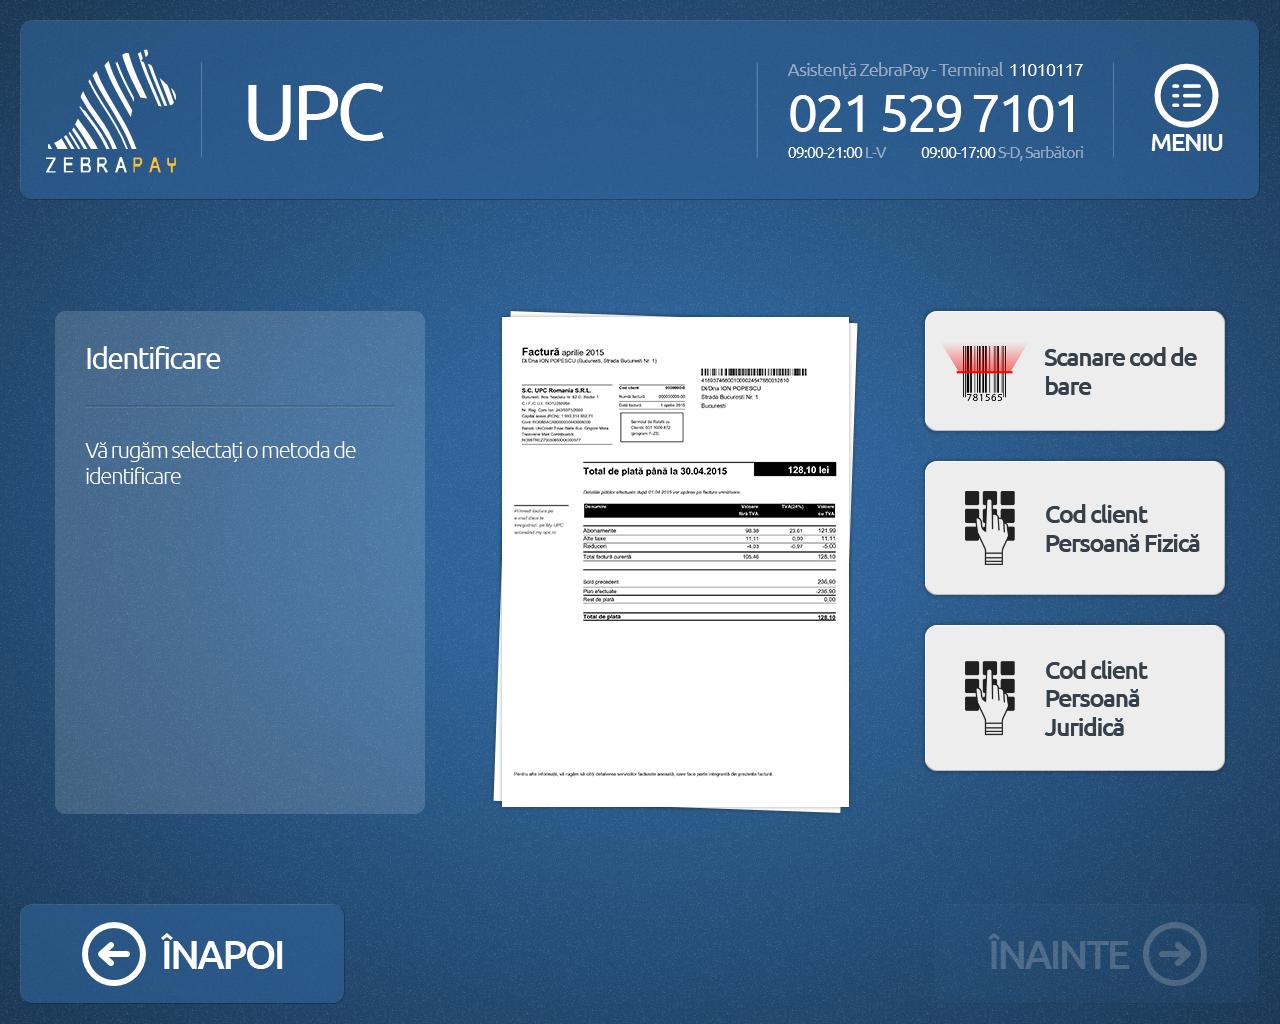 Peste 1 milion de români își pot achita facturile UPC la terminalele ZebraPay